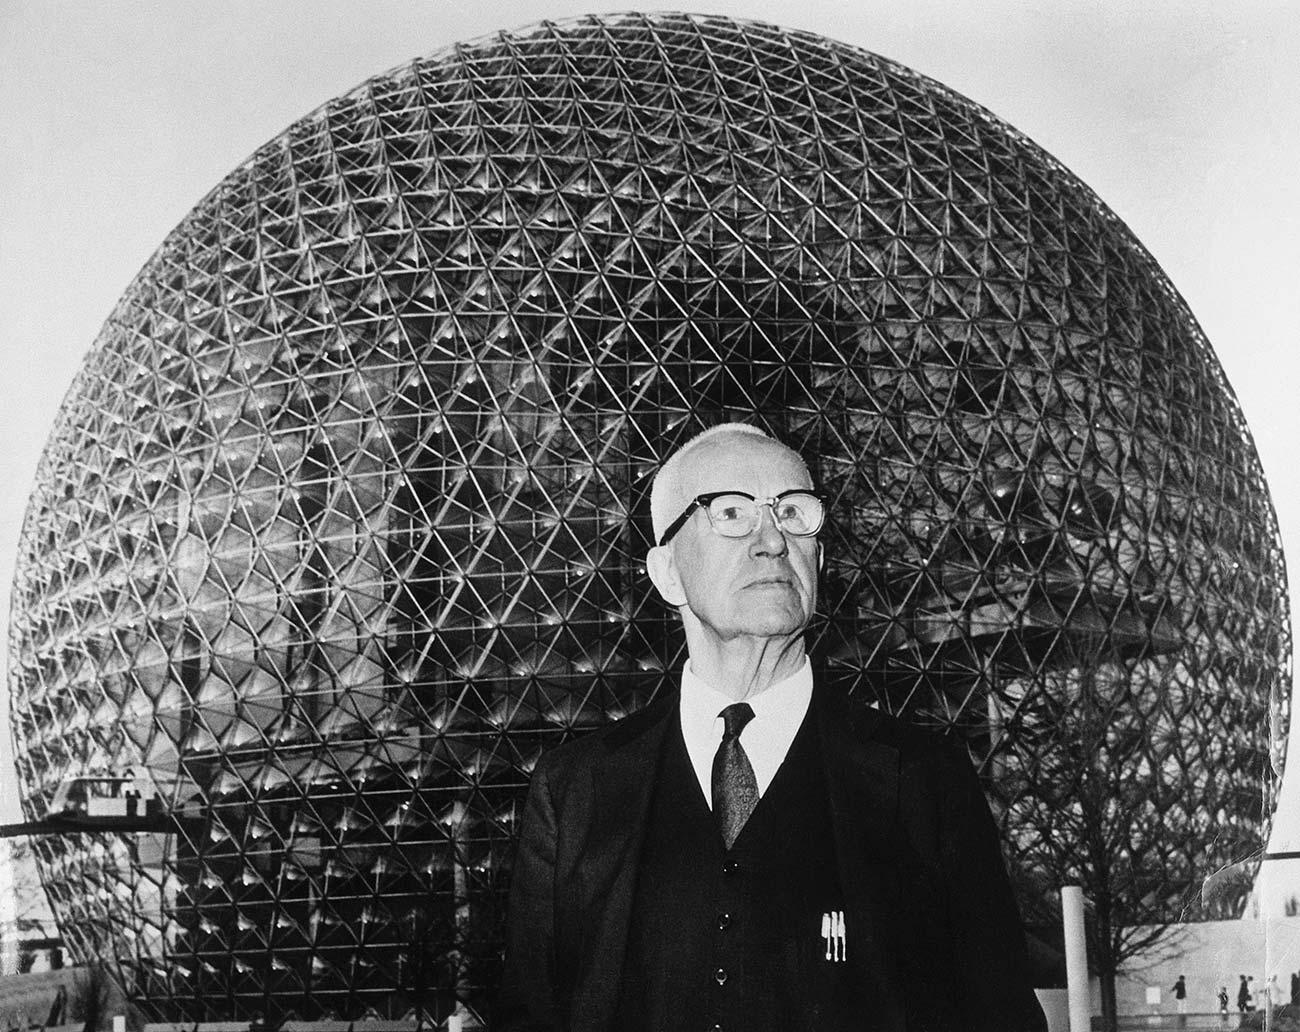 Den nya vågen av flygteknologi och designers har influerats av Buckminster Fullers geodetiska kupoler.